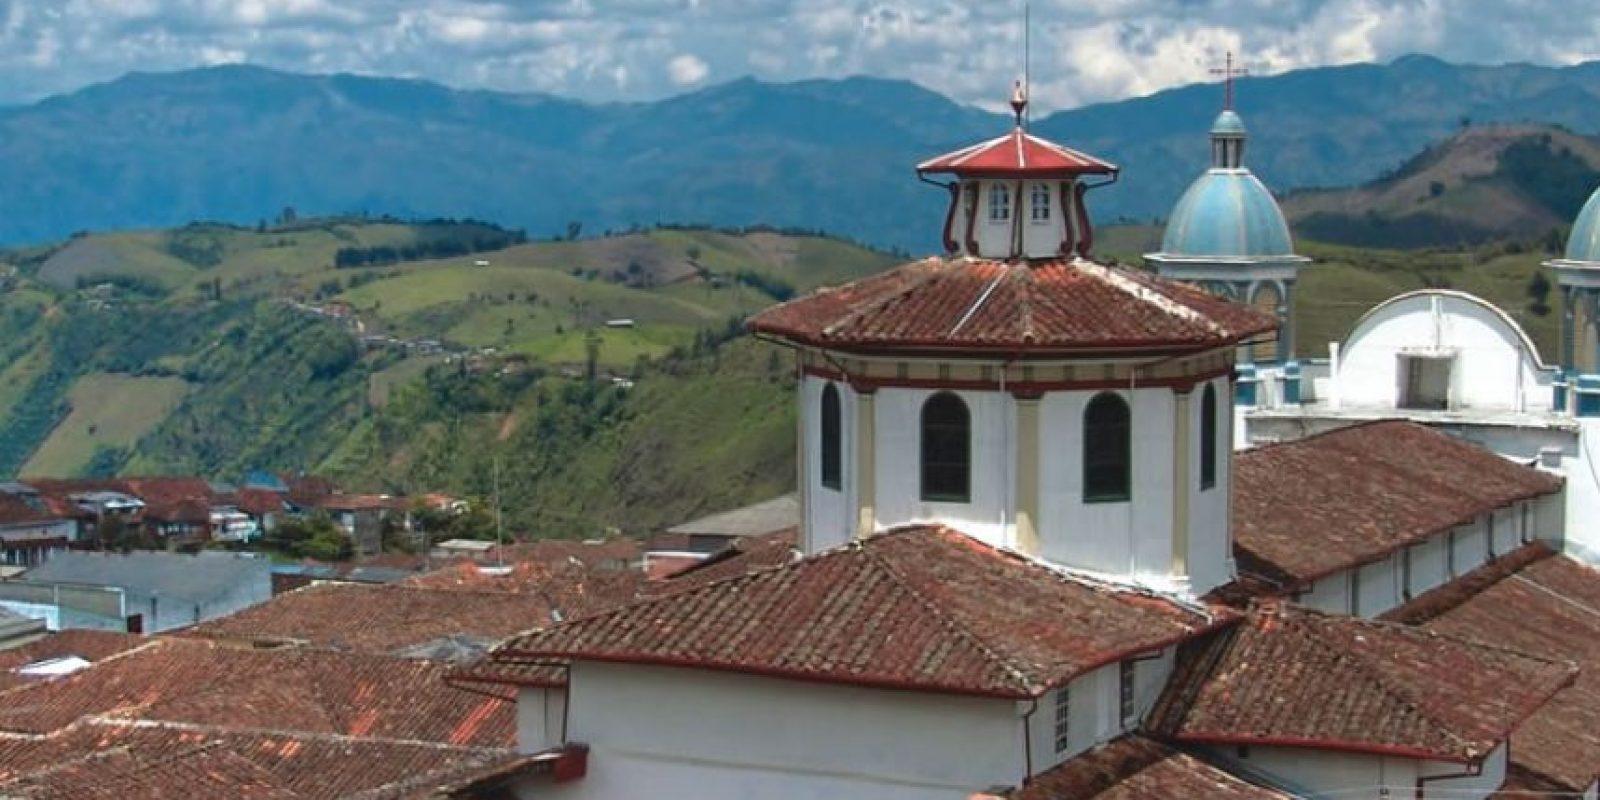 Desde arriba, así se ve la iglesia de Aguadas (Caldas) Foto:Cortesía Procolombia